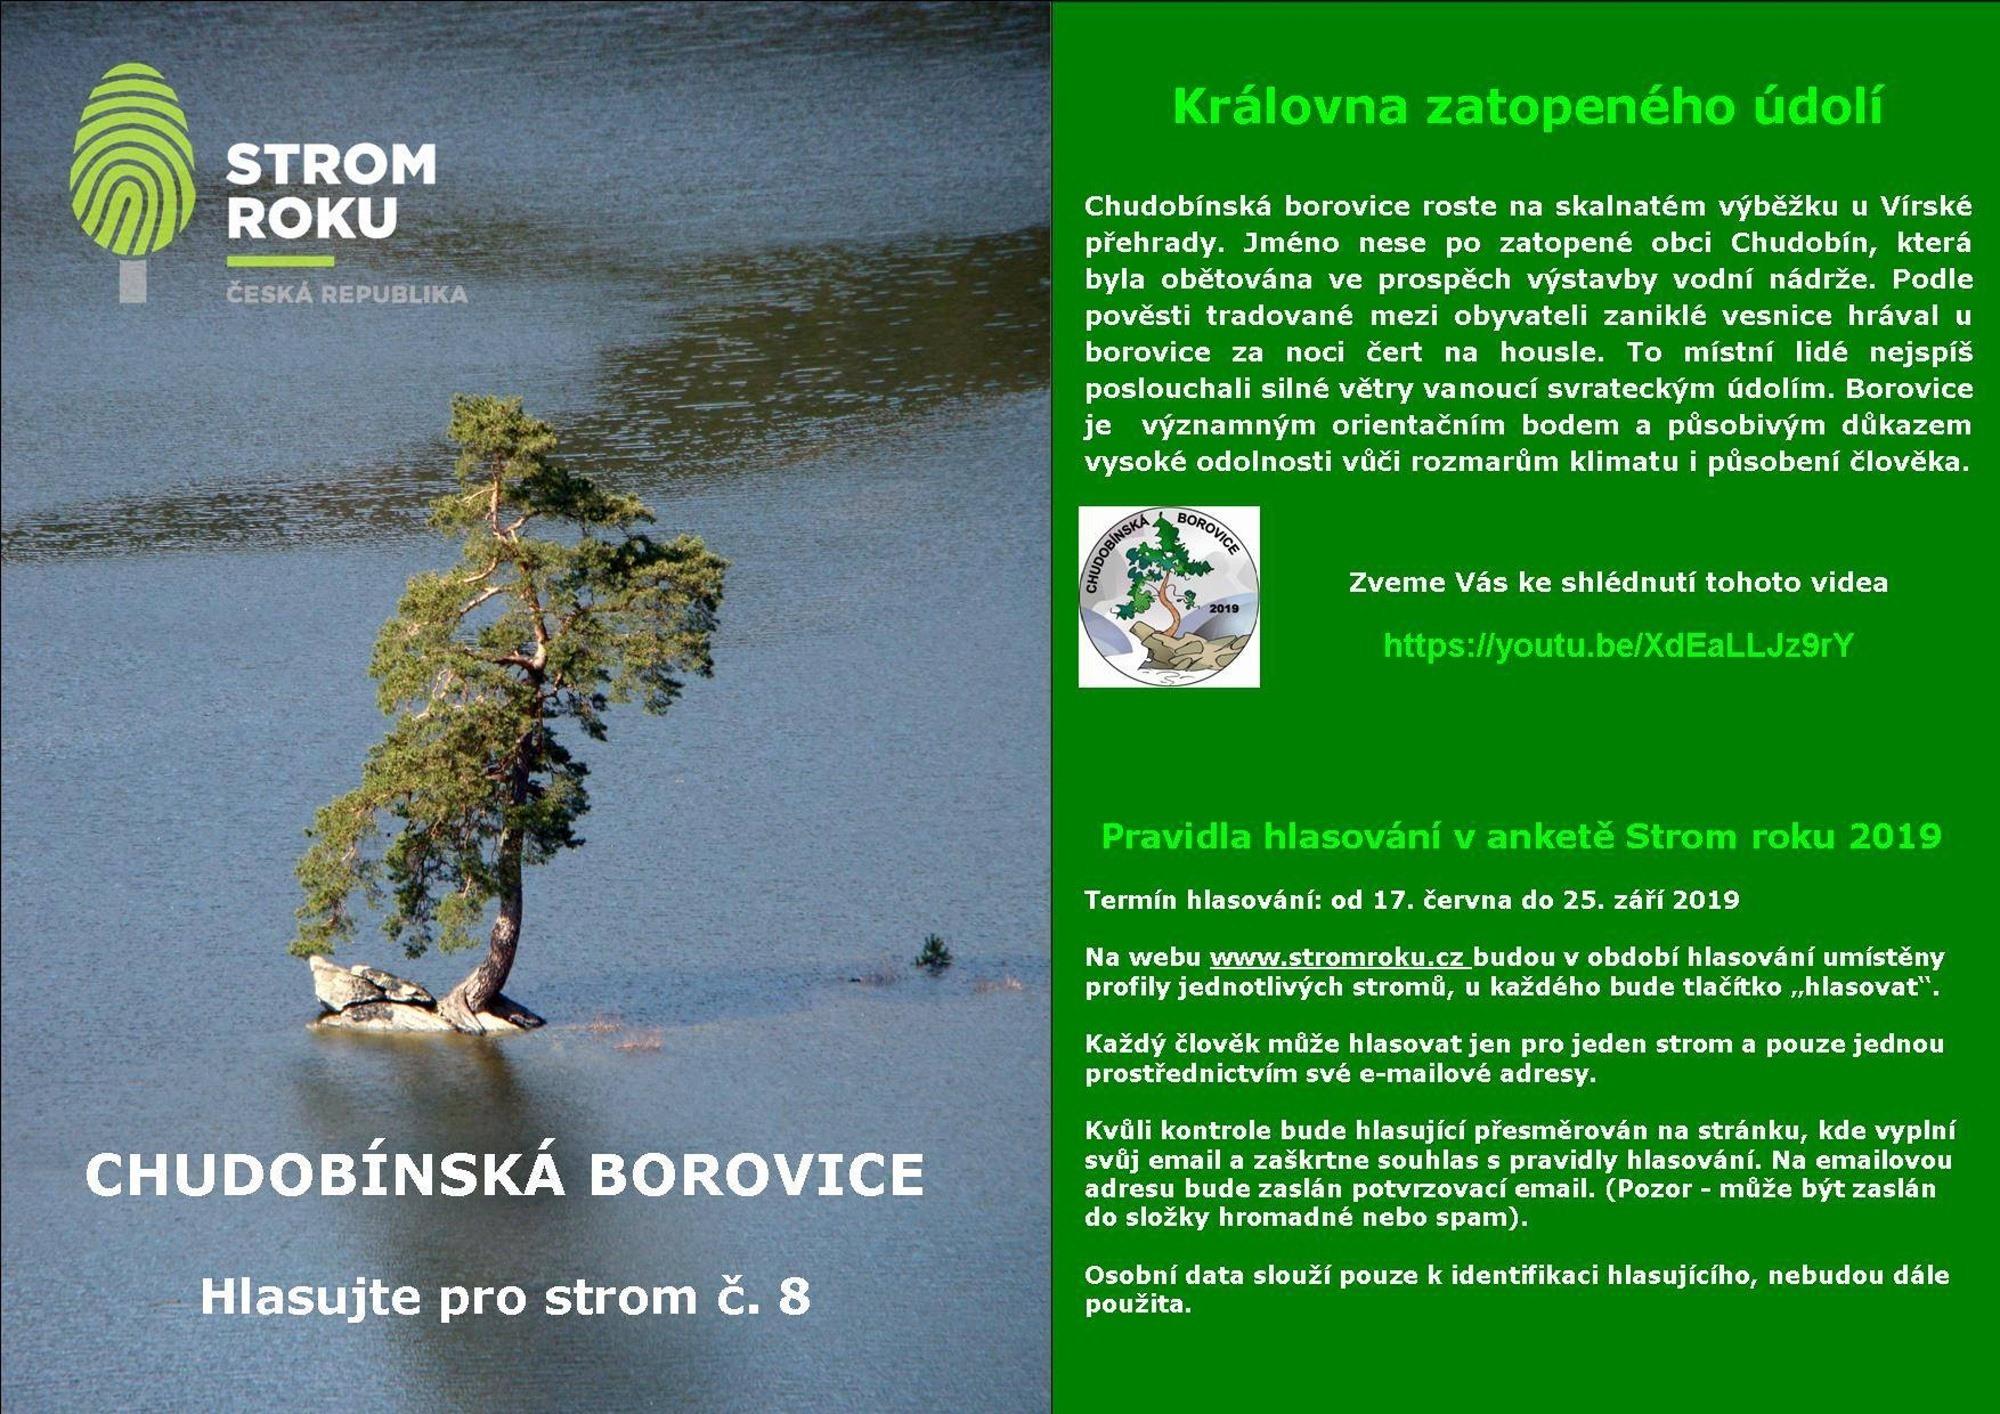 Evropský strom roku - Chudobínská borovice